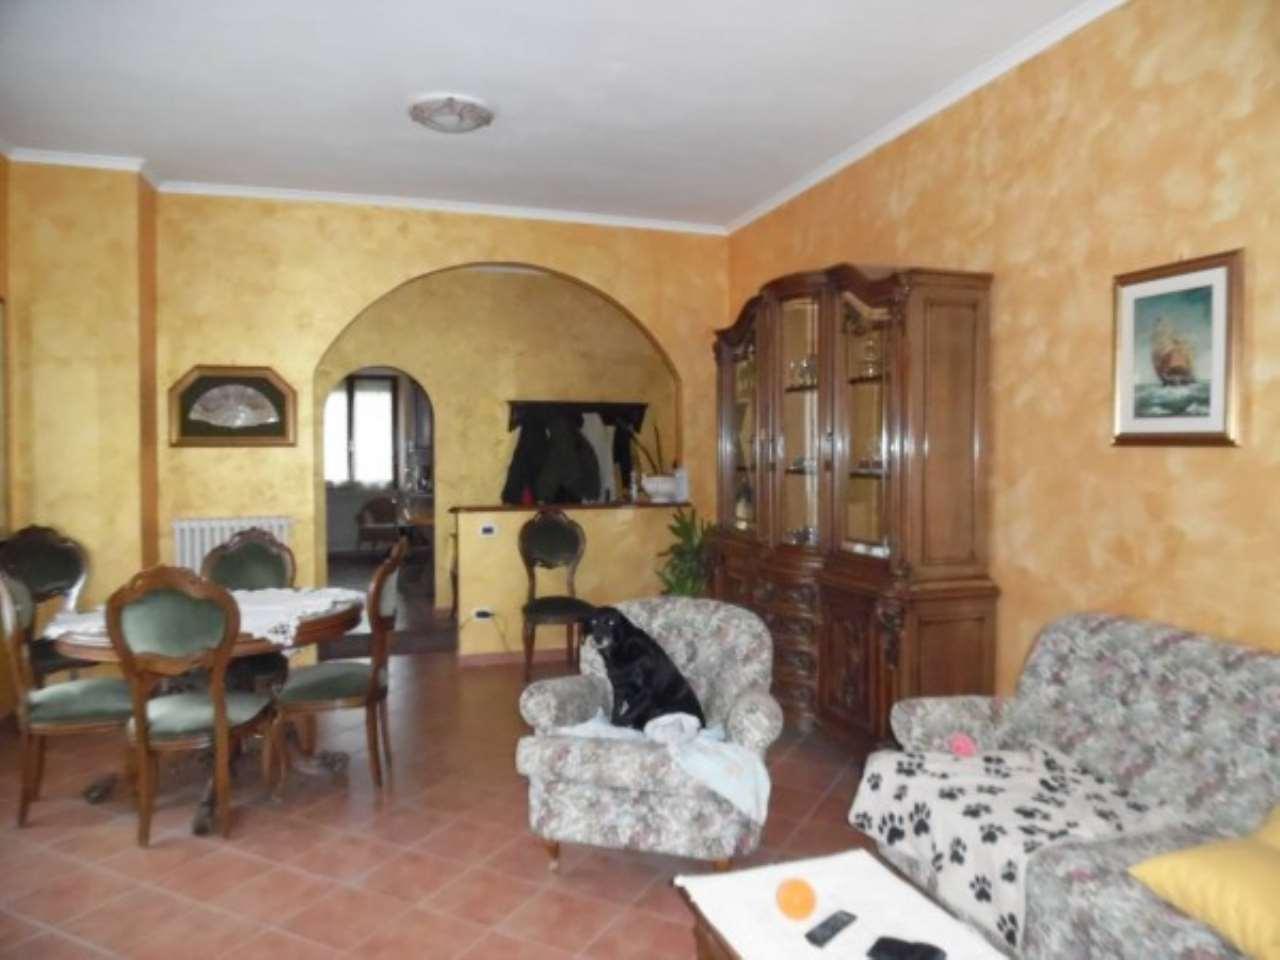 Villa in vendita a Rieti, 4 locali, prezzo € 165.000   Cambio Casa.it